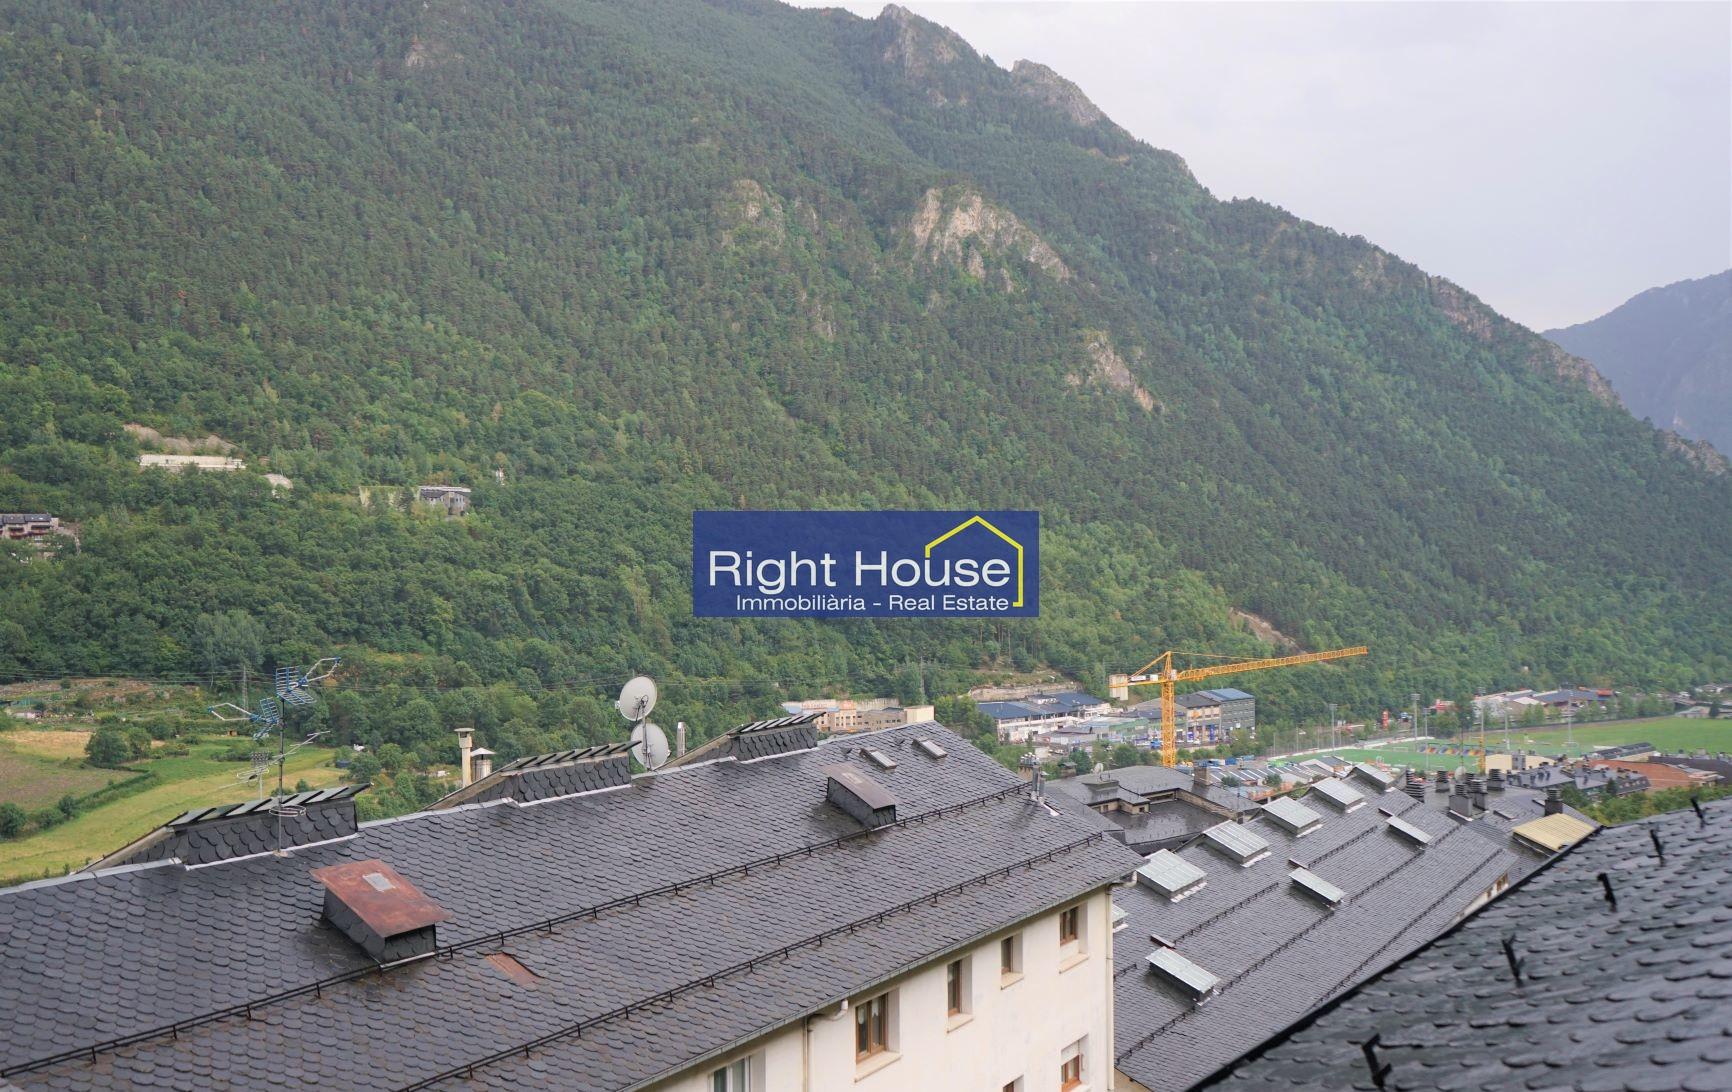 Pis en venda a Andorra la Vella, 2 habitacions, 60 metres